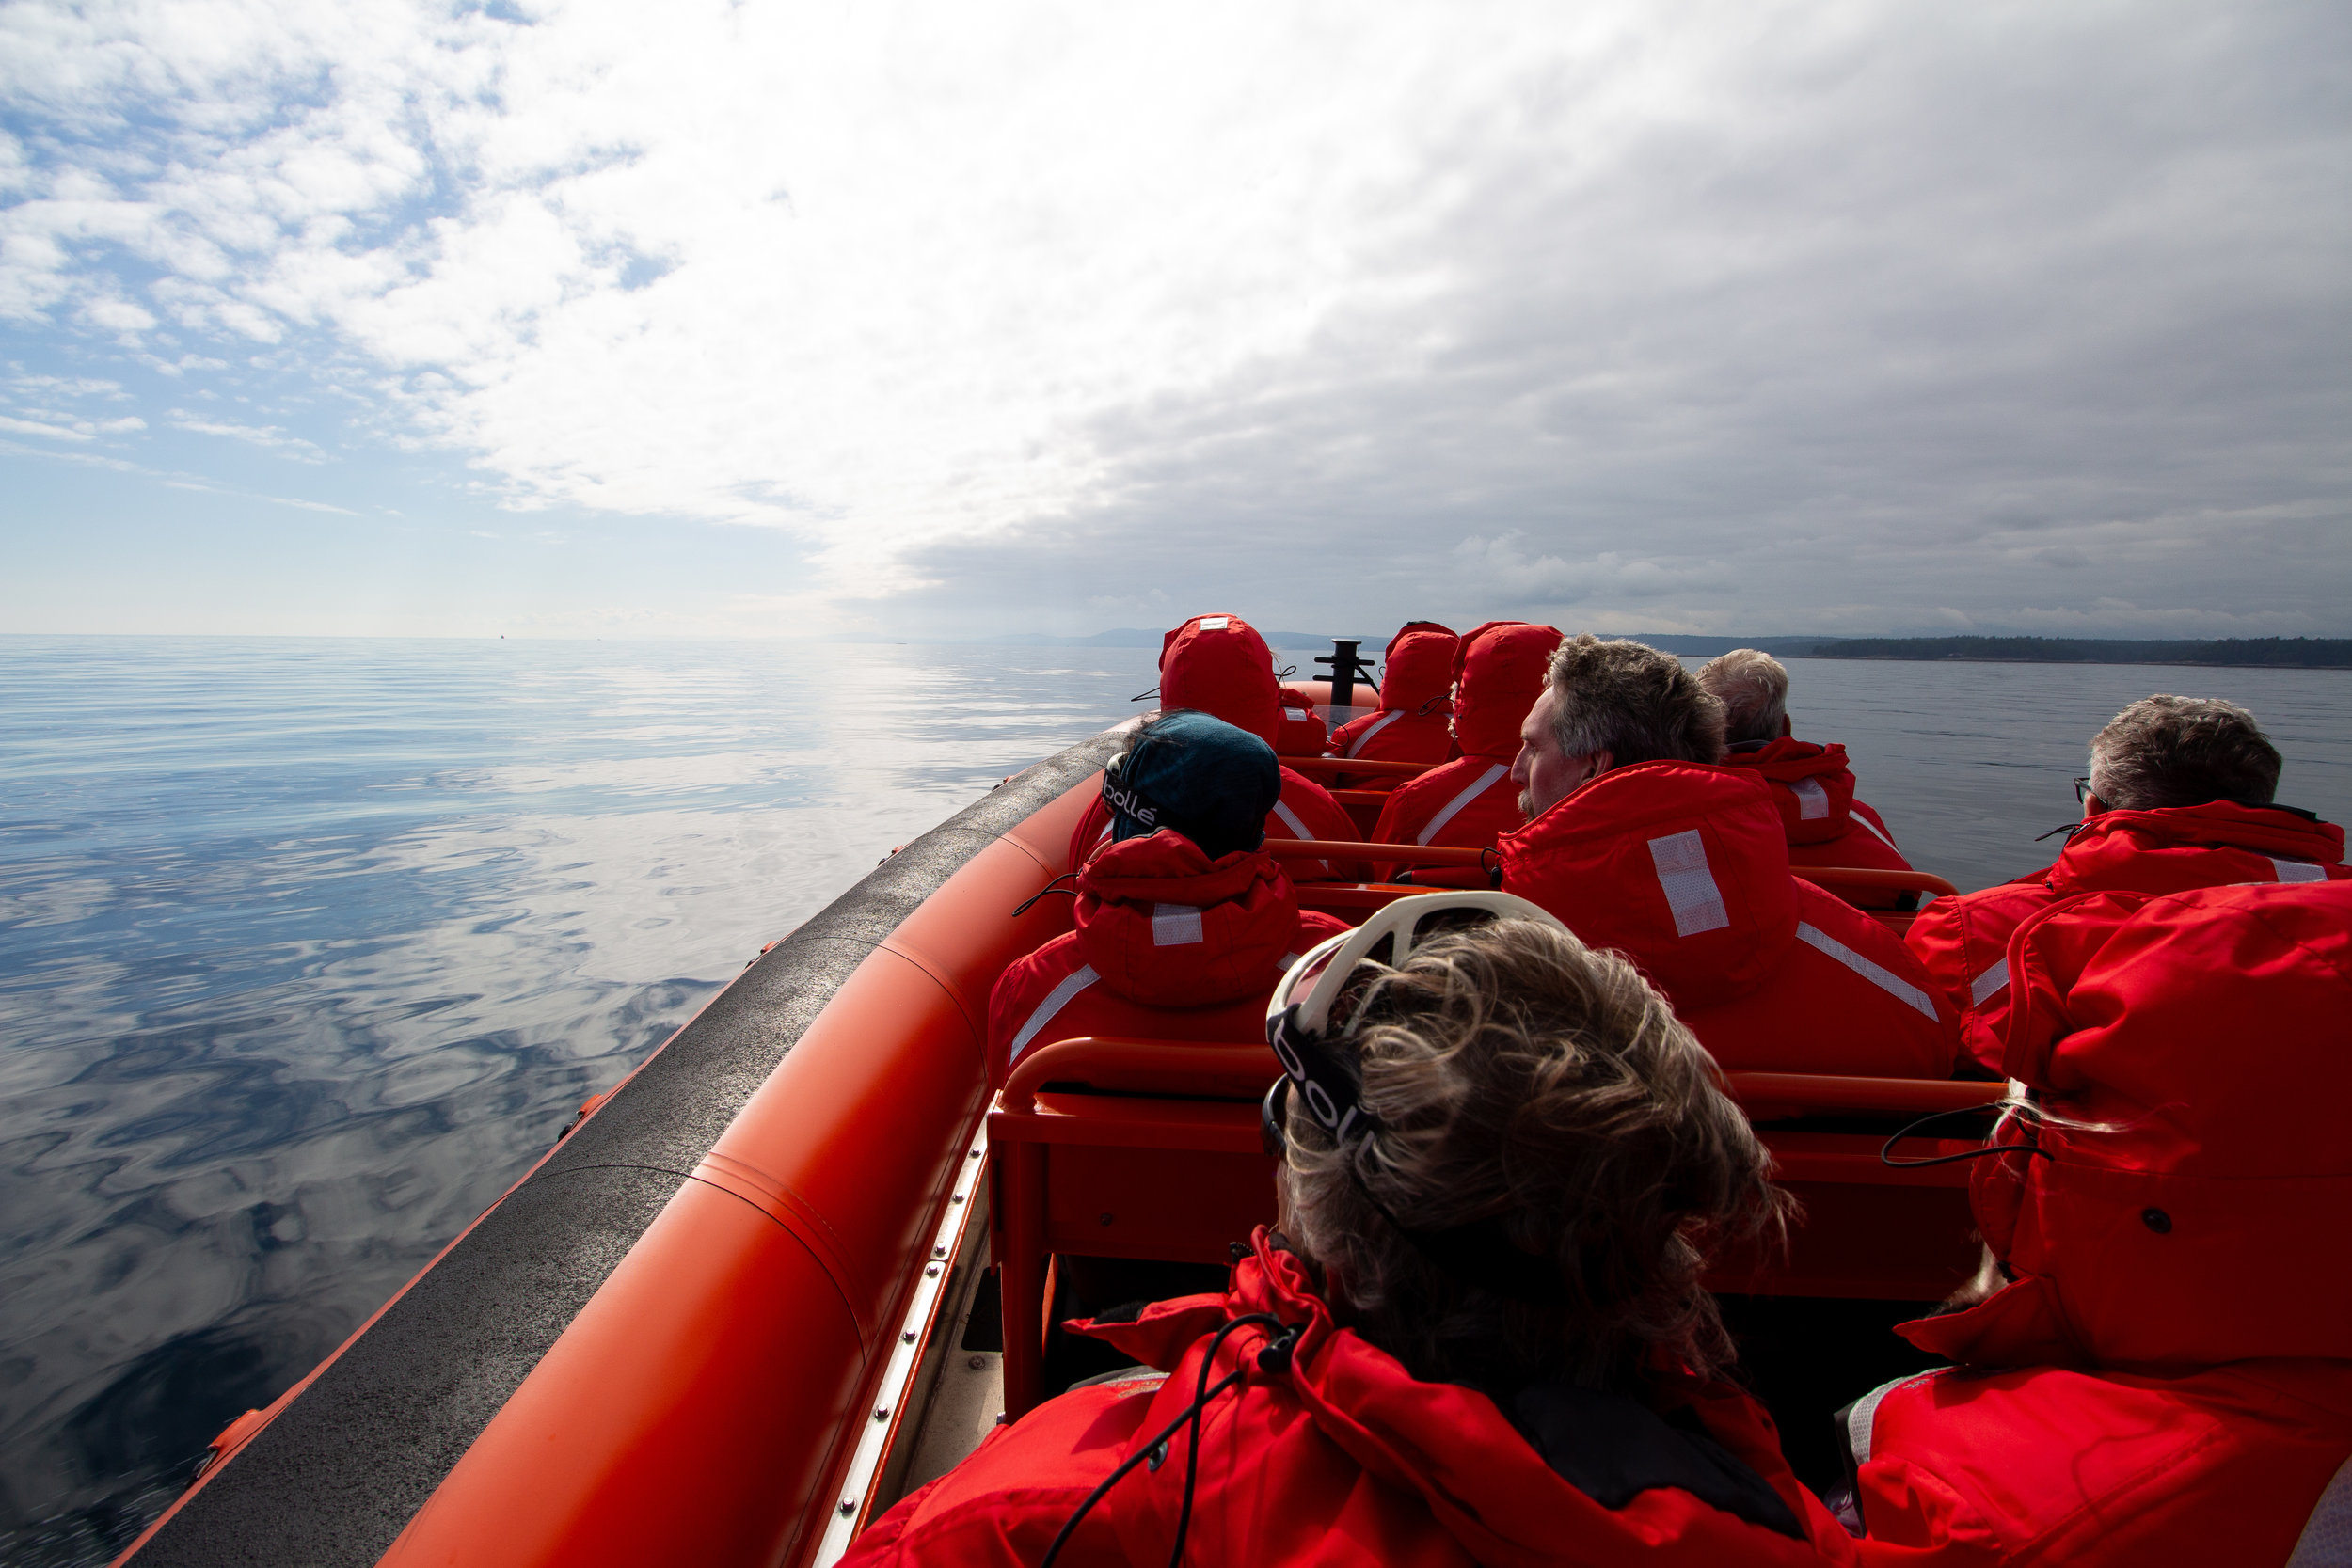 Scanning the Strait. Photo by Natalie Reichenbacher